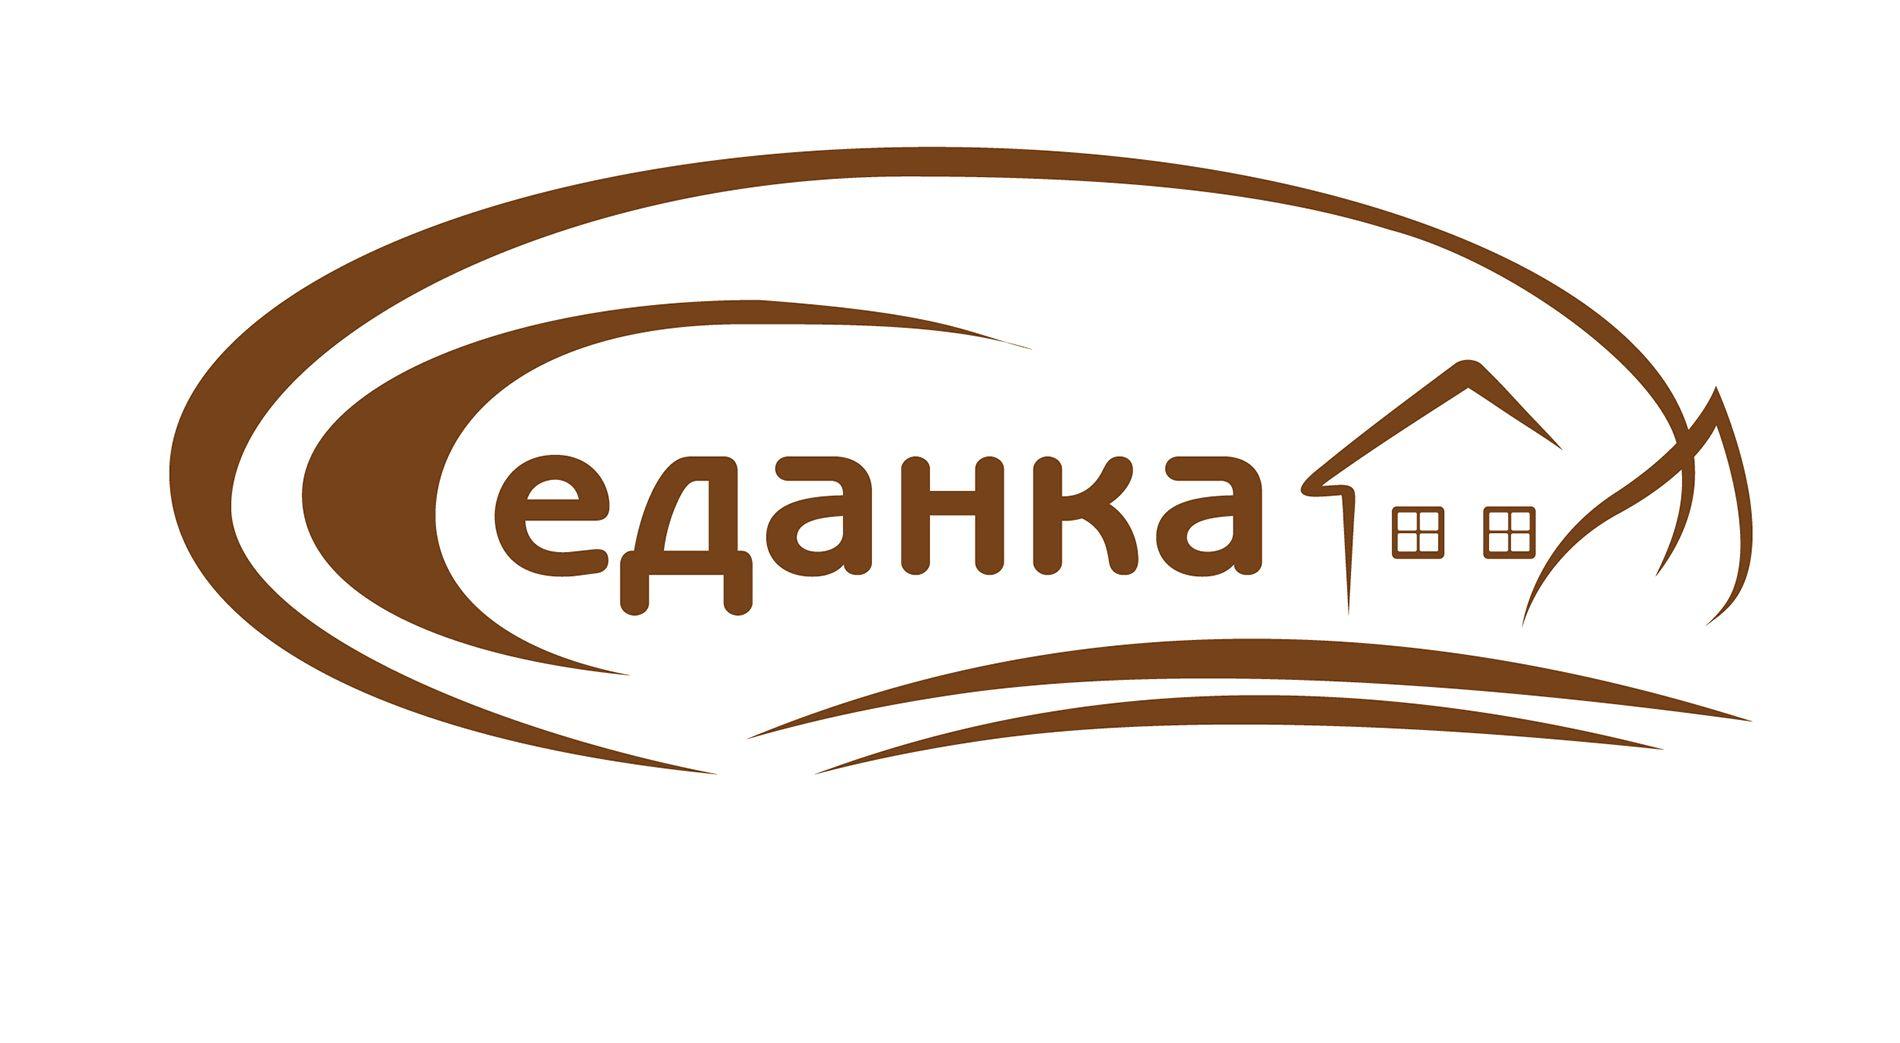 Логотип для центра отдыха - дизайнер ms-katrin07